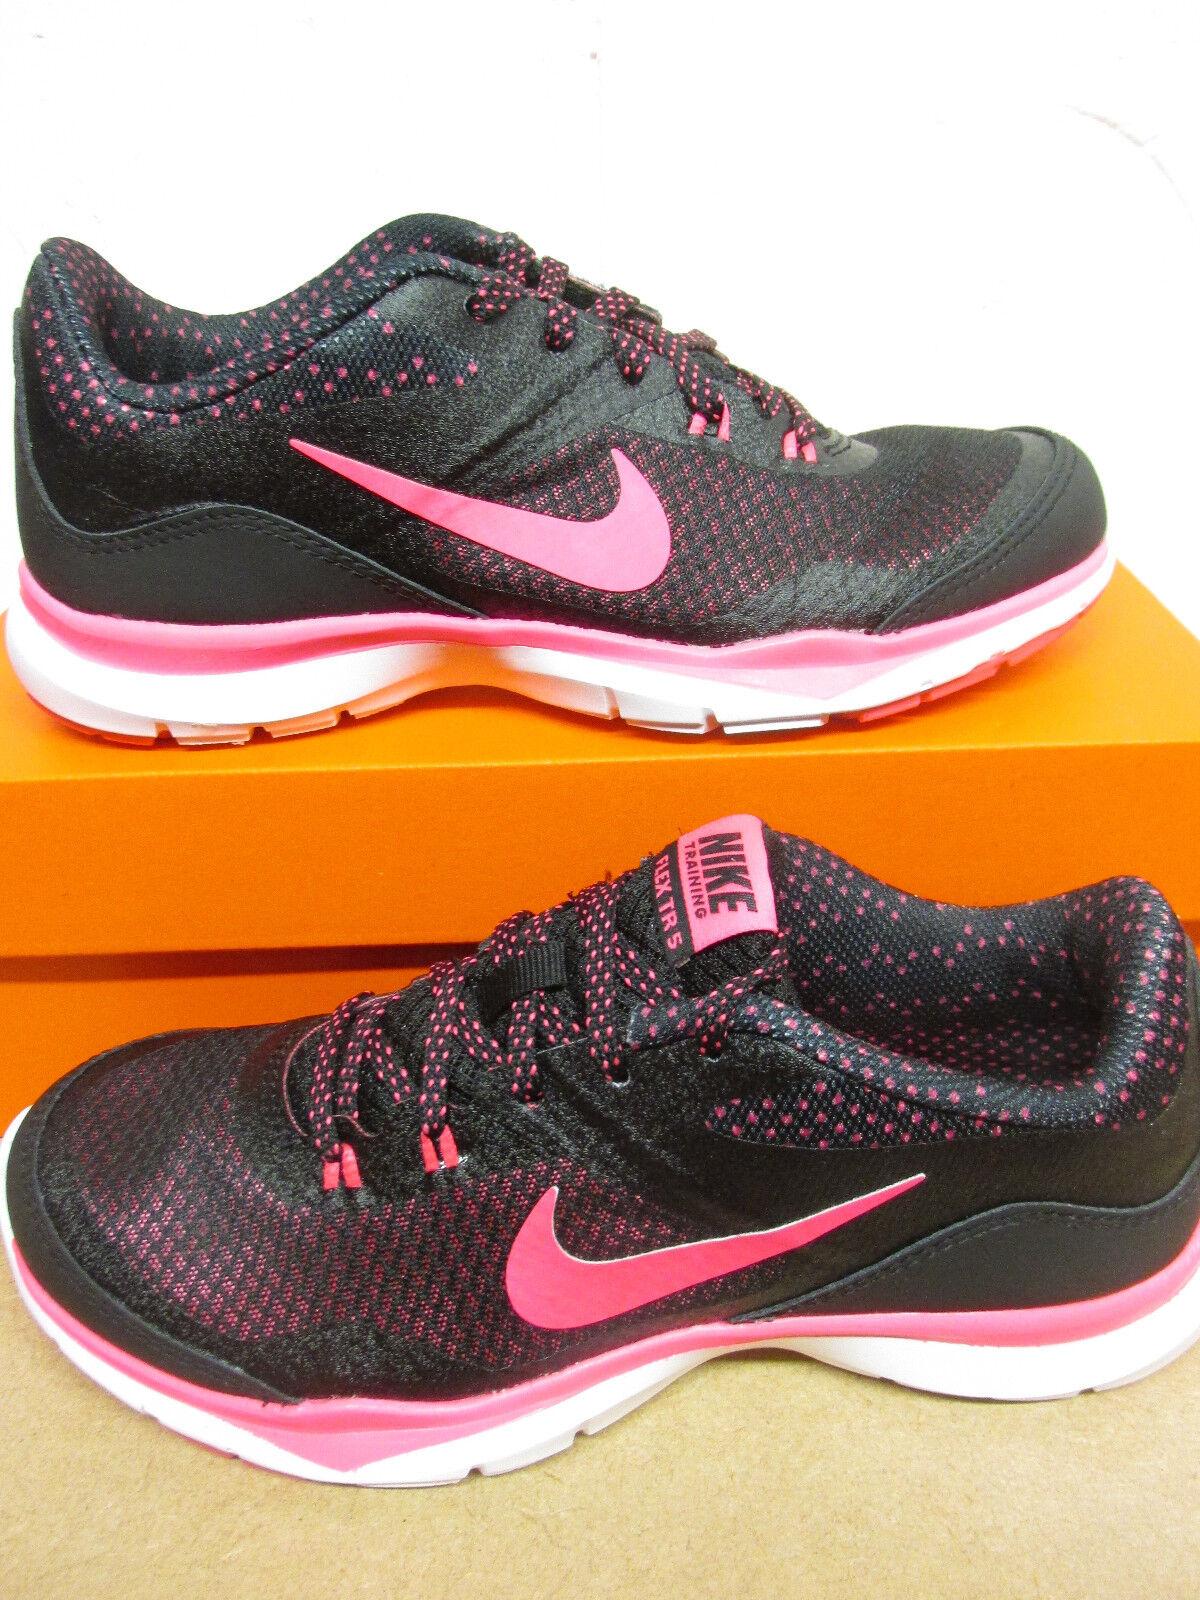 newest 00e95 5fd8c Nike da donna FLEX SPORTIVO 5 stampa Scarpe da corsa 749184 018 Scarpe da  tennis